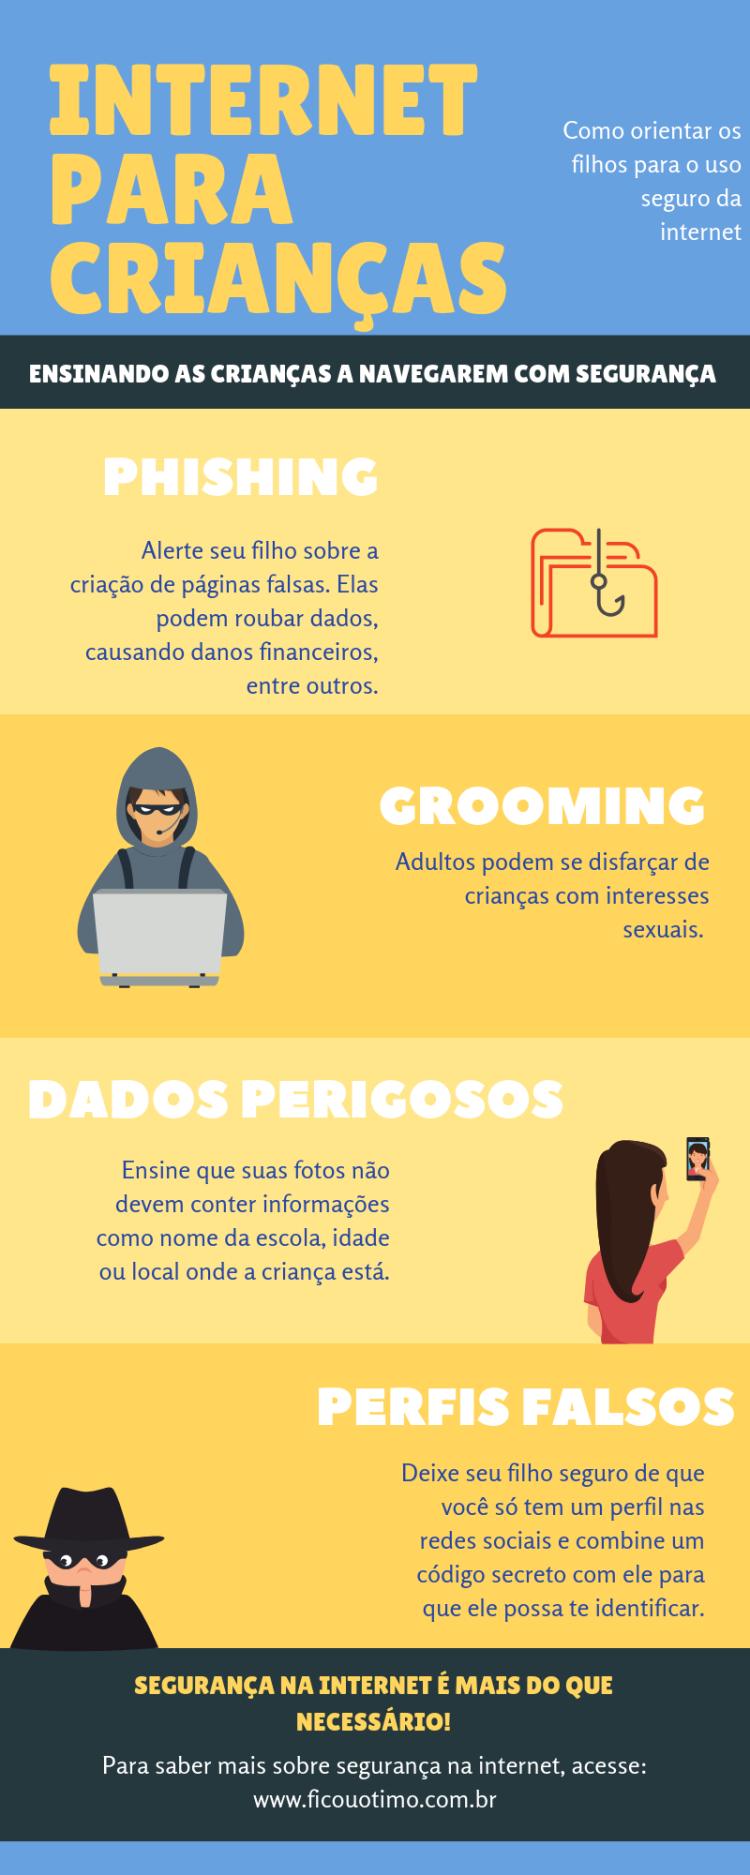 Internet para crianças (1).png